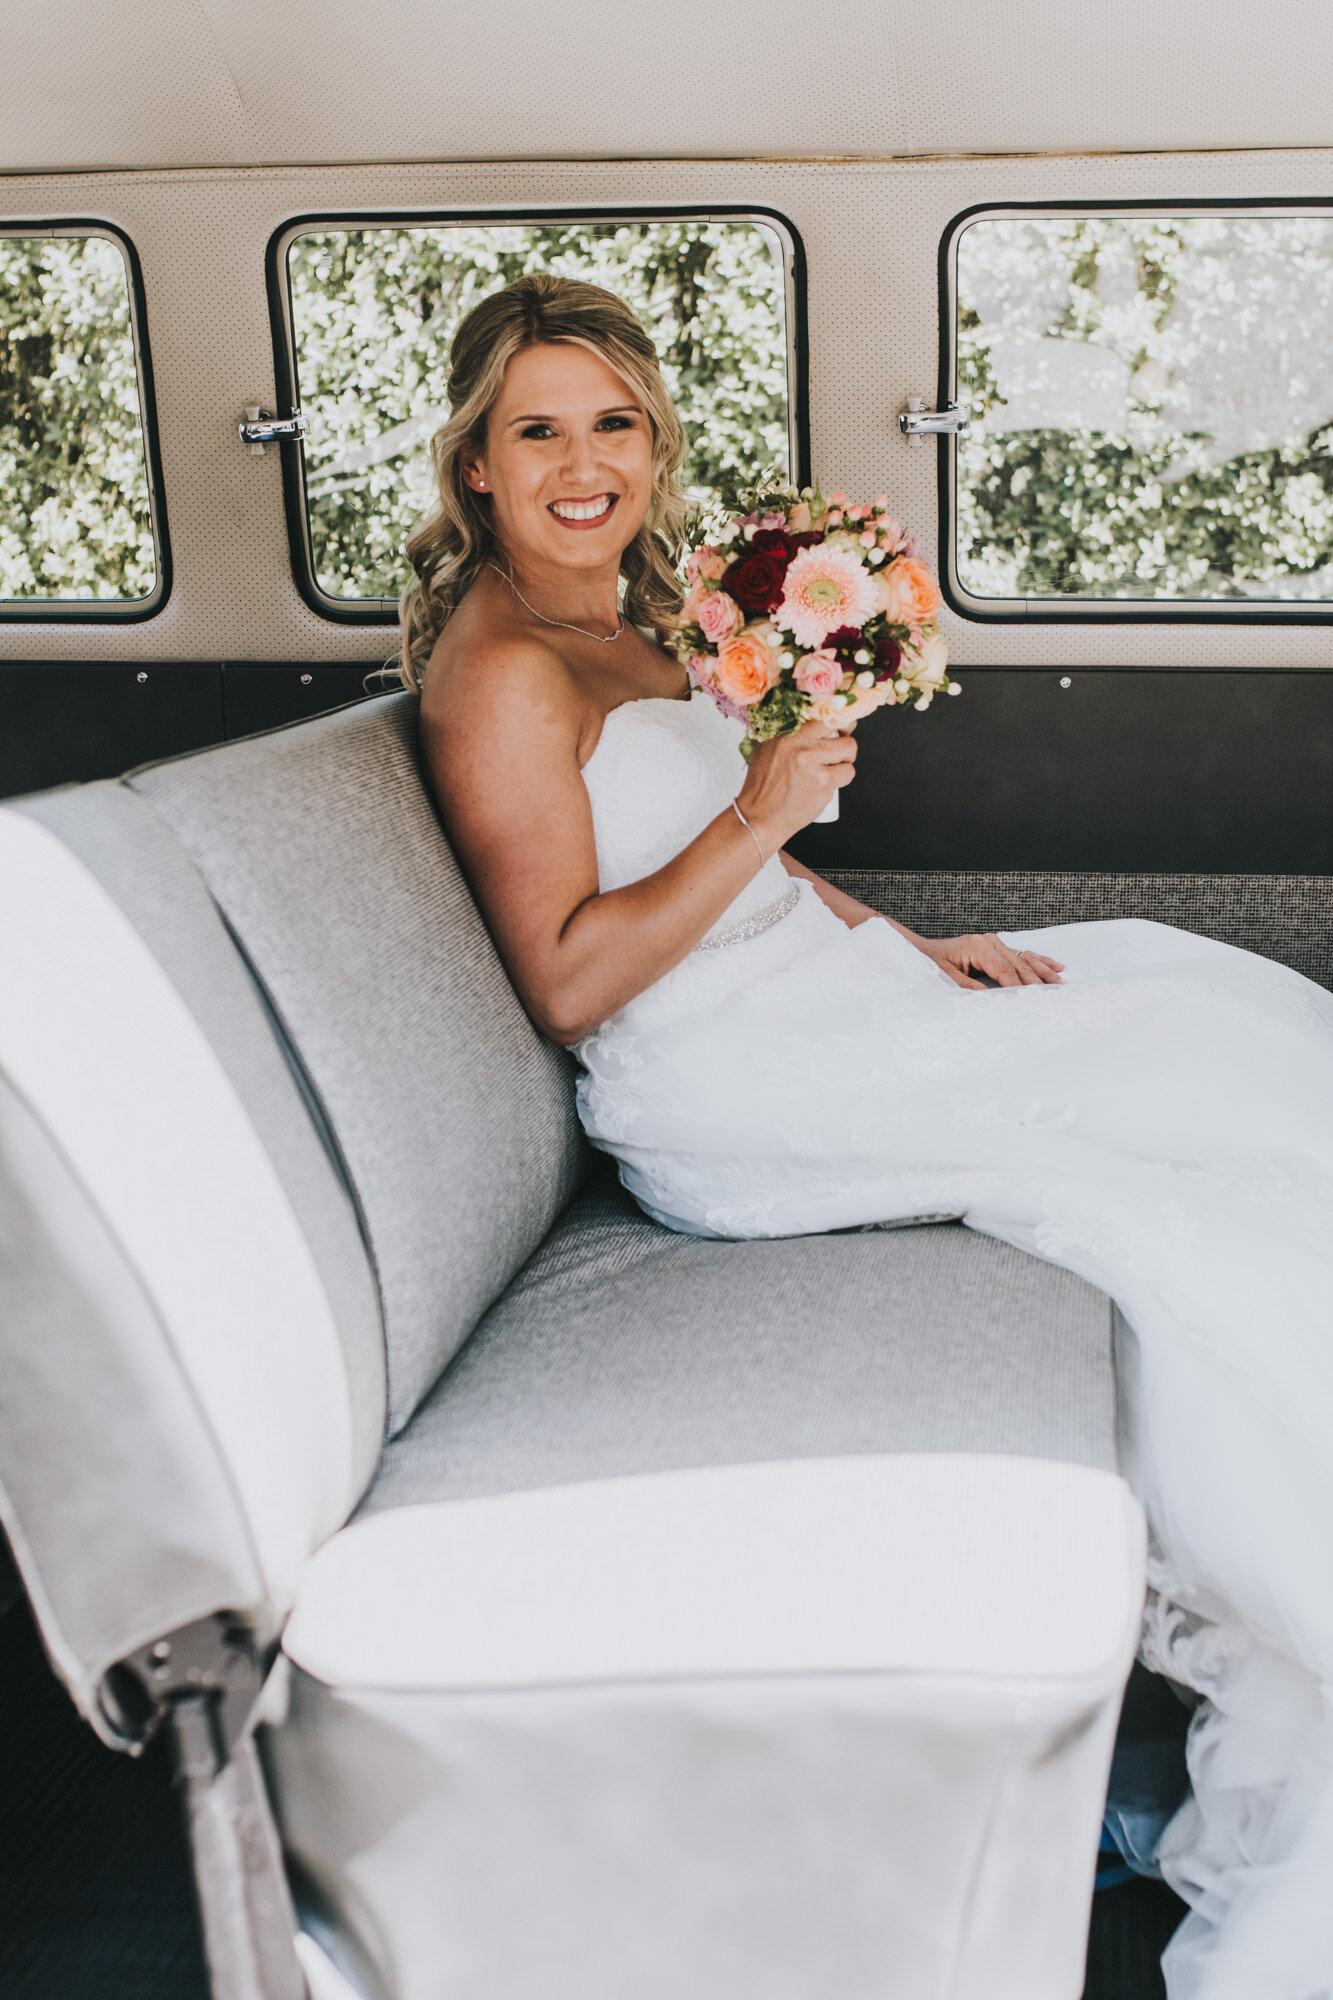 emory-factory-Hochzeit-2019-06-01-19.jpg